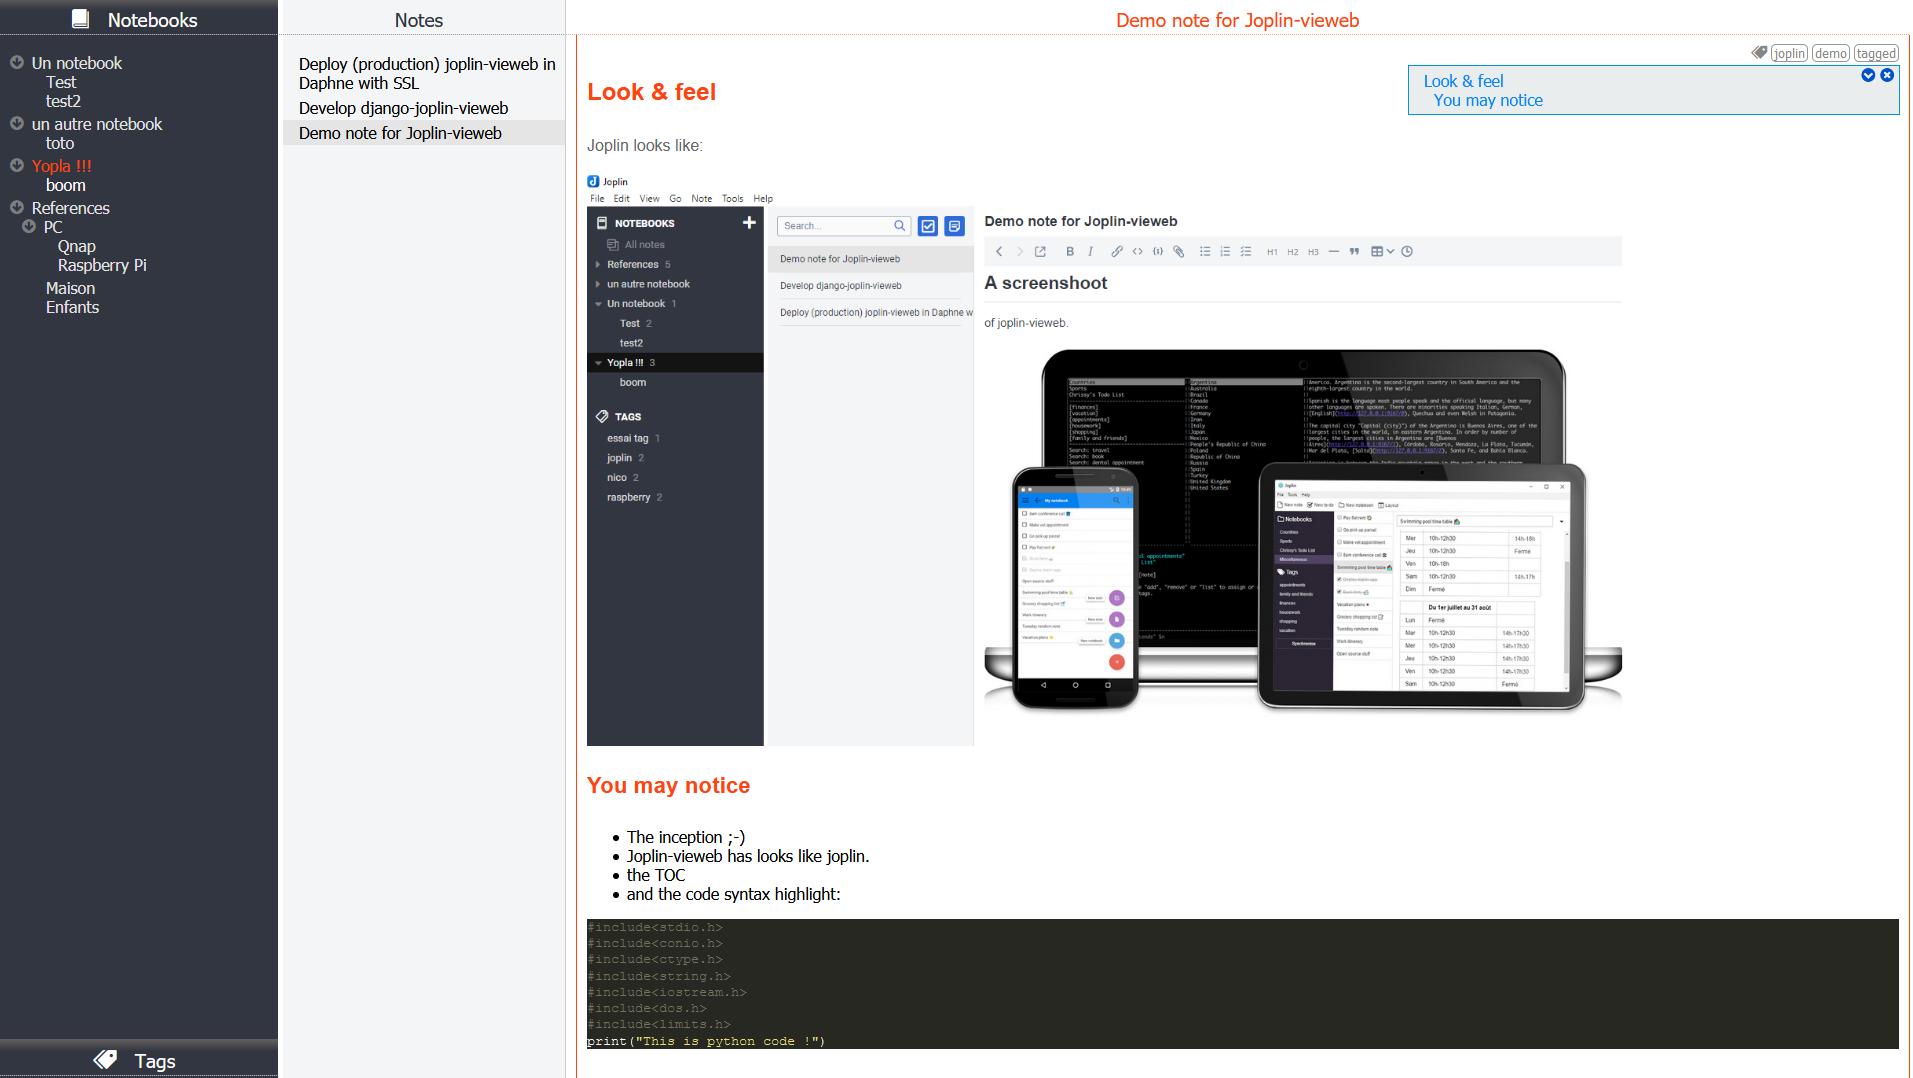 joplin-vieweb-screenshot